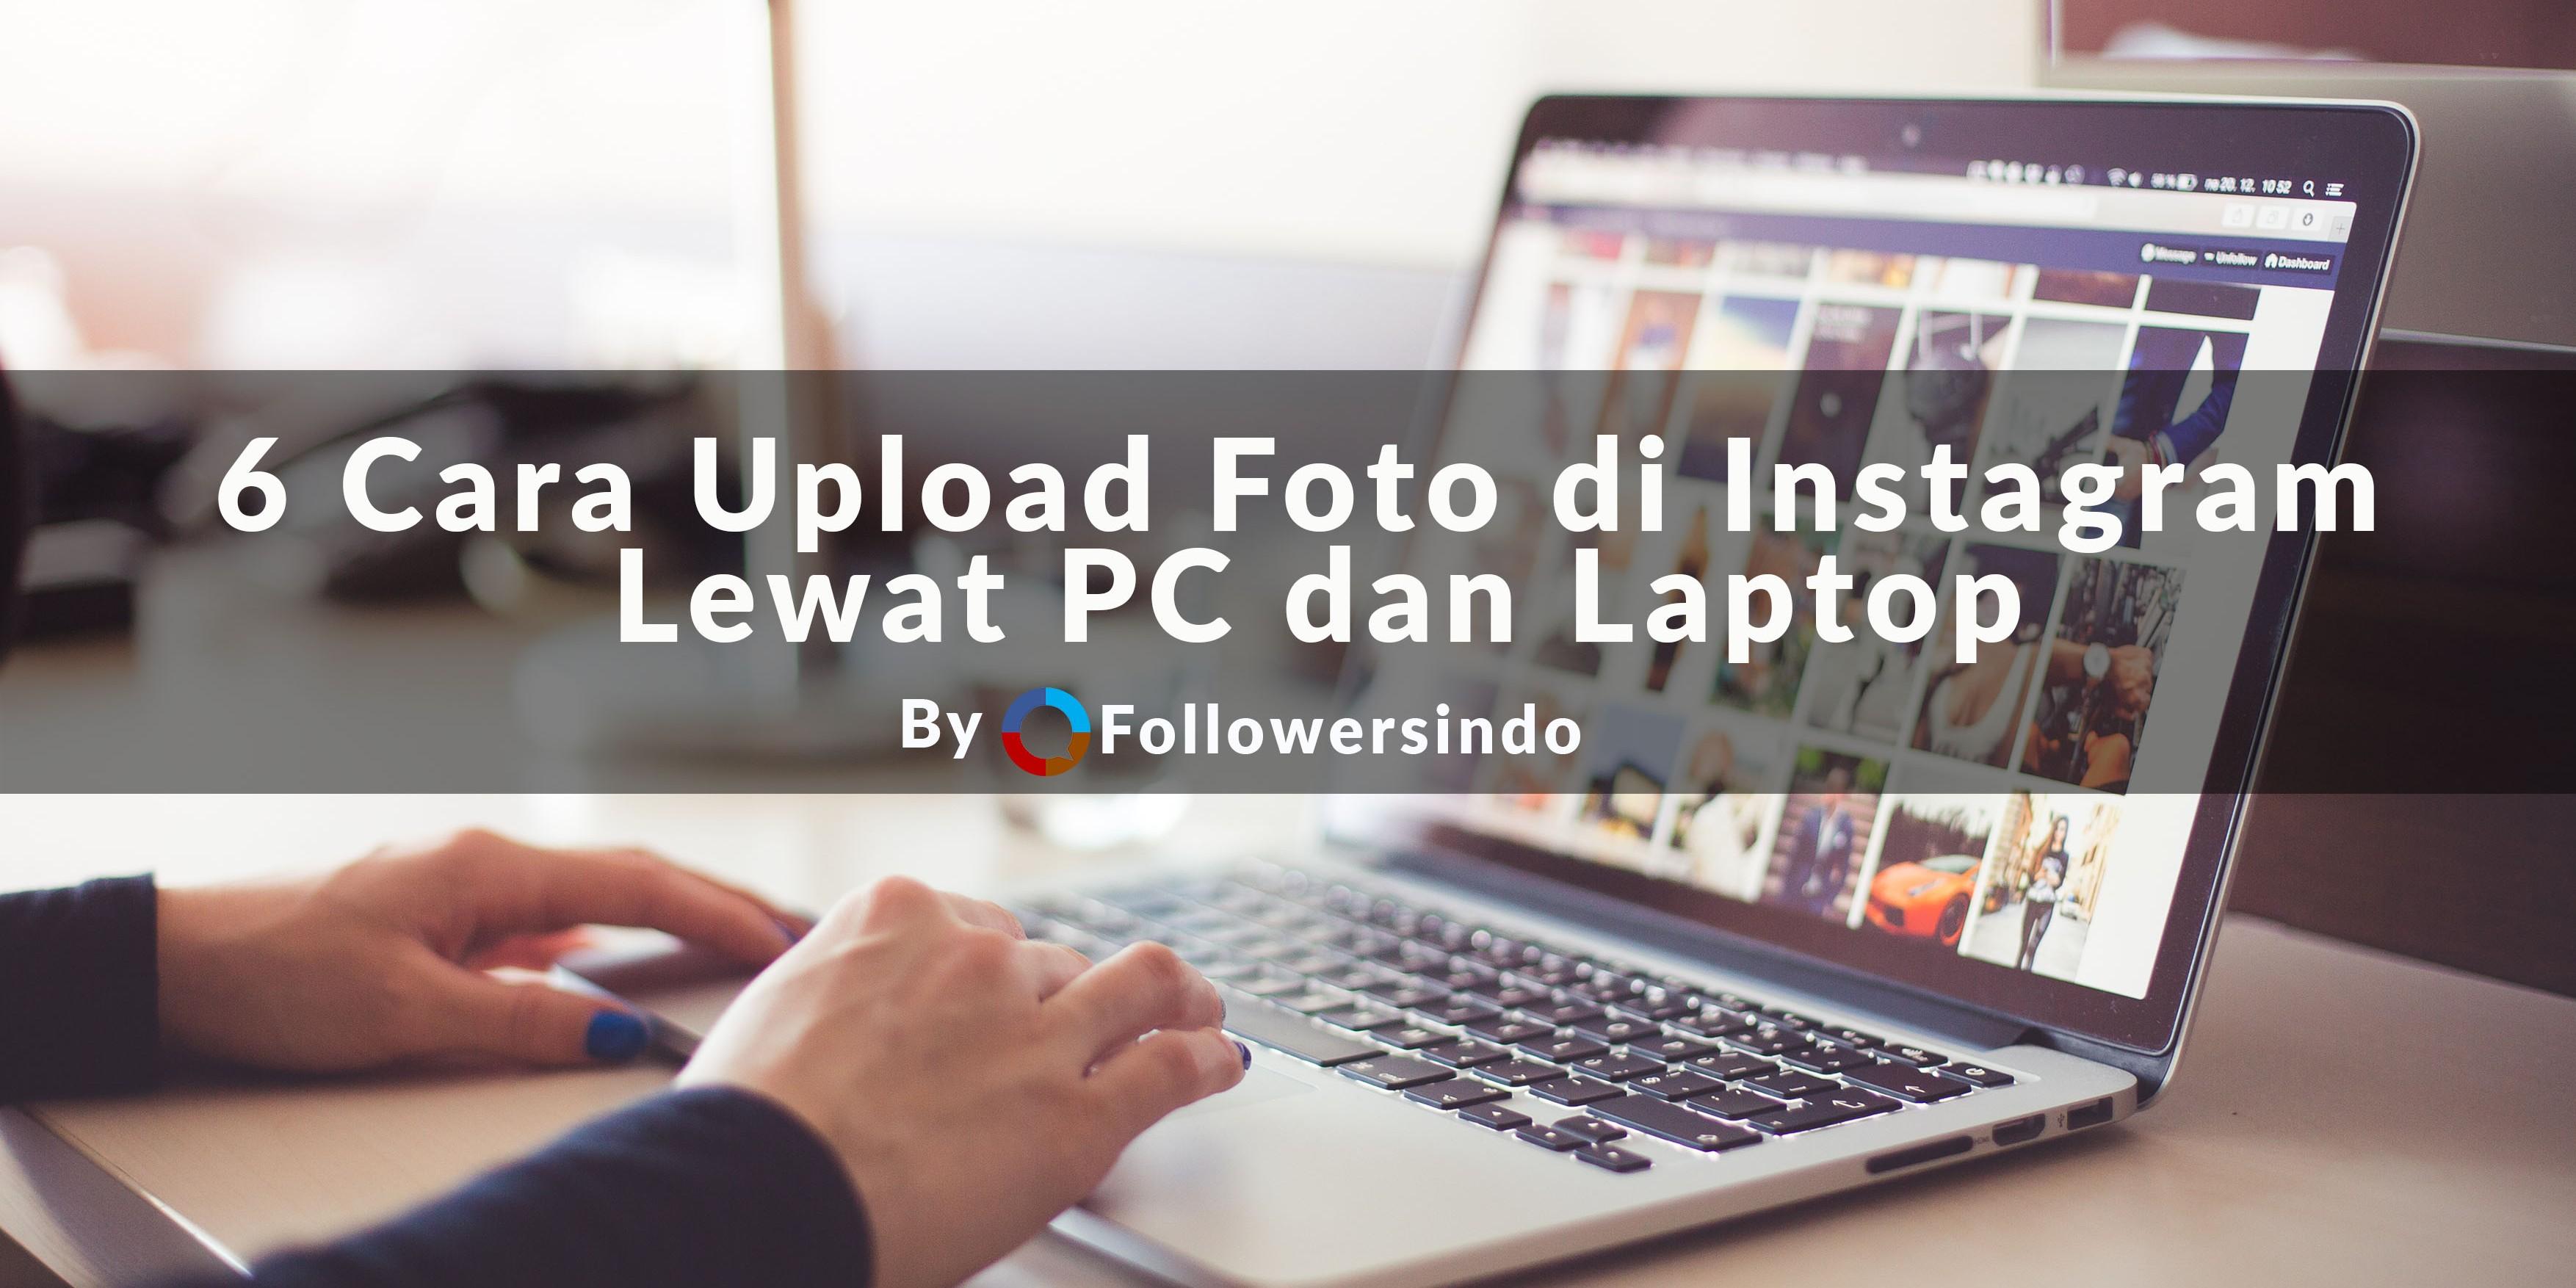 6 Cara Upload Foto di Instagram Lewat PC dan Laptop